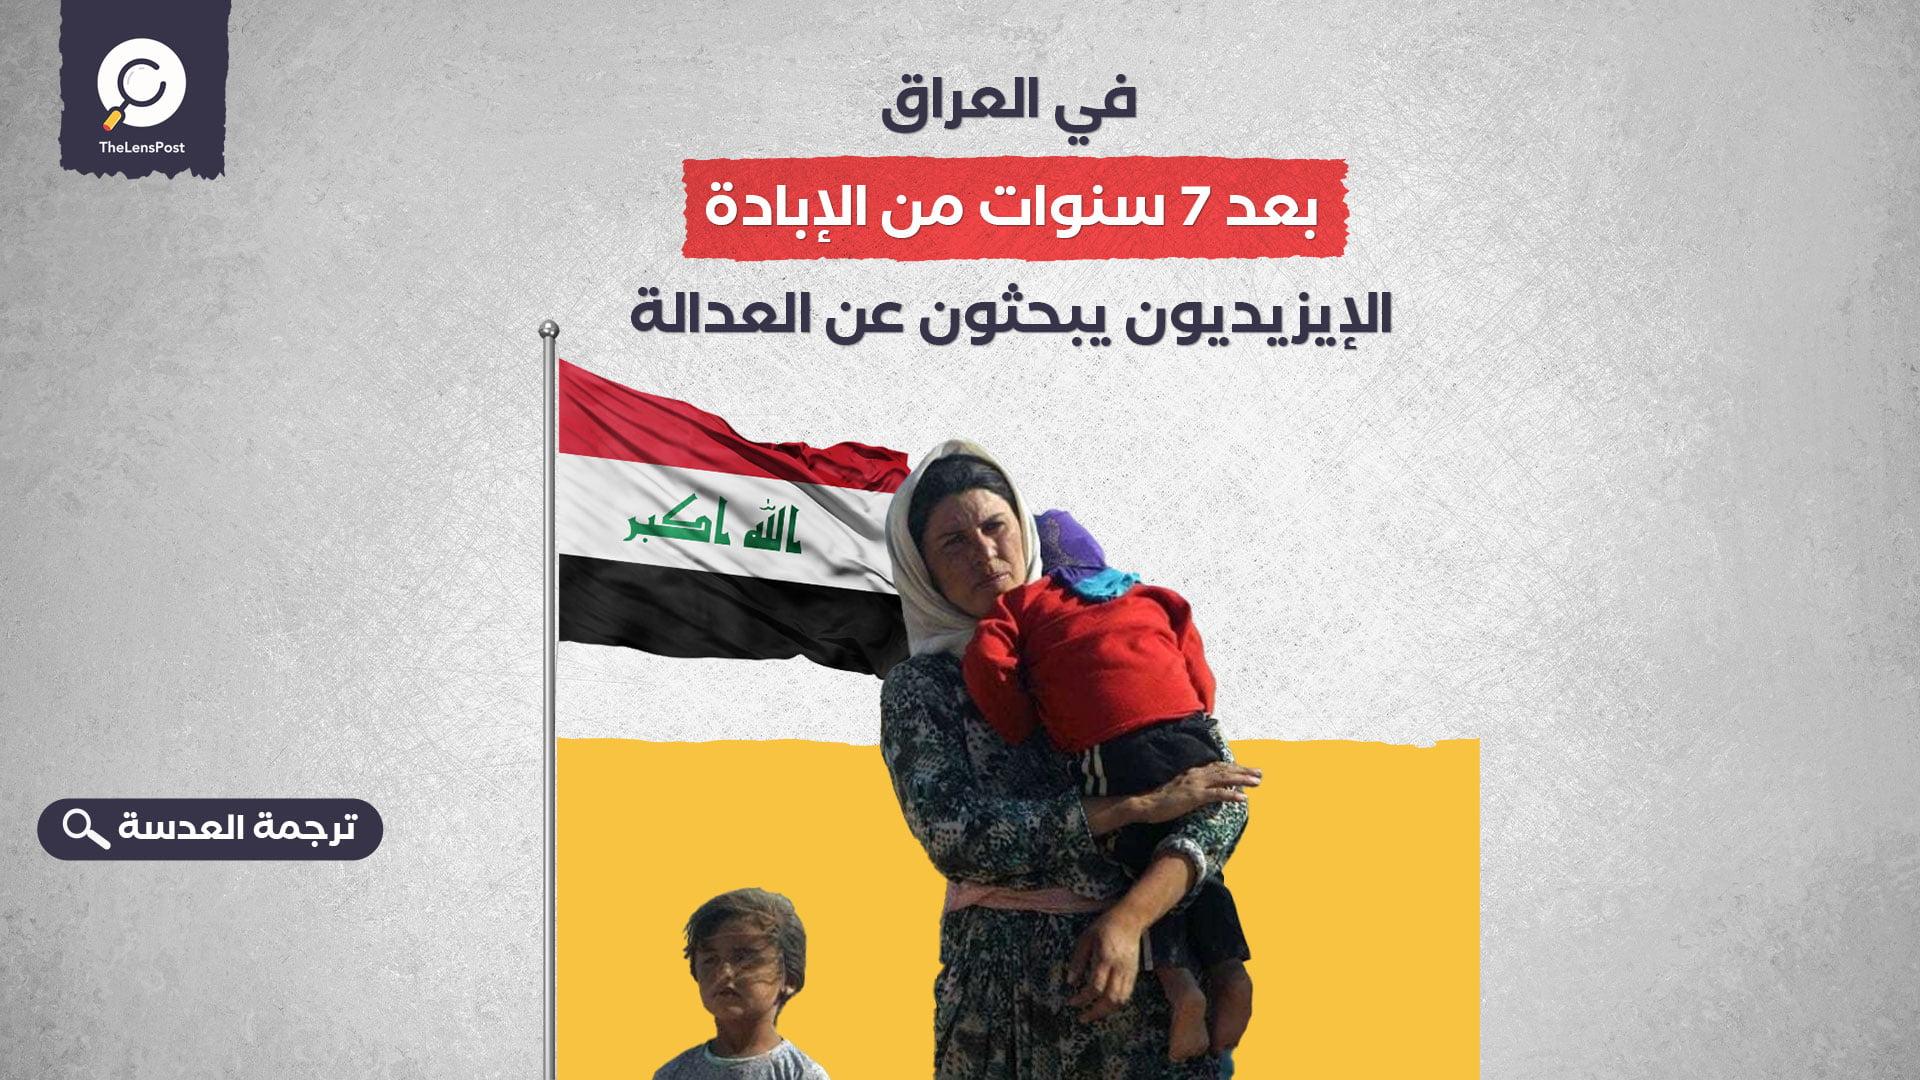 في العراق.. بعد 7 سنوات من الإبادة الإيزيديون يبحثون عن العدالة